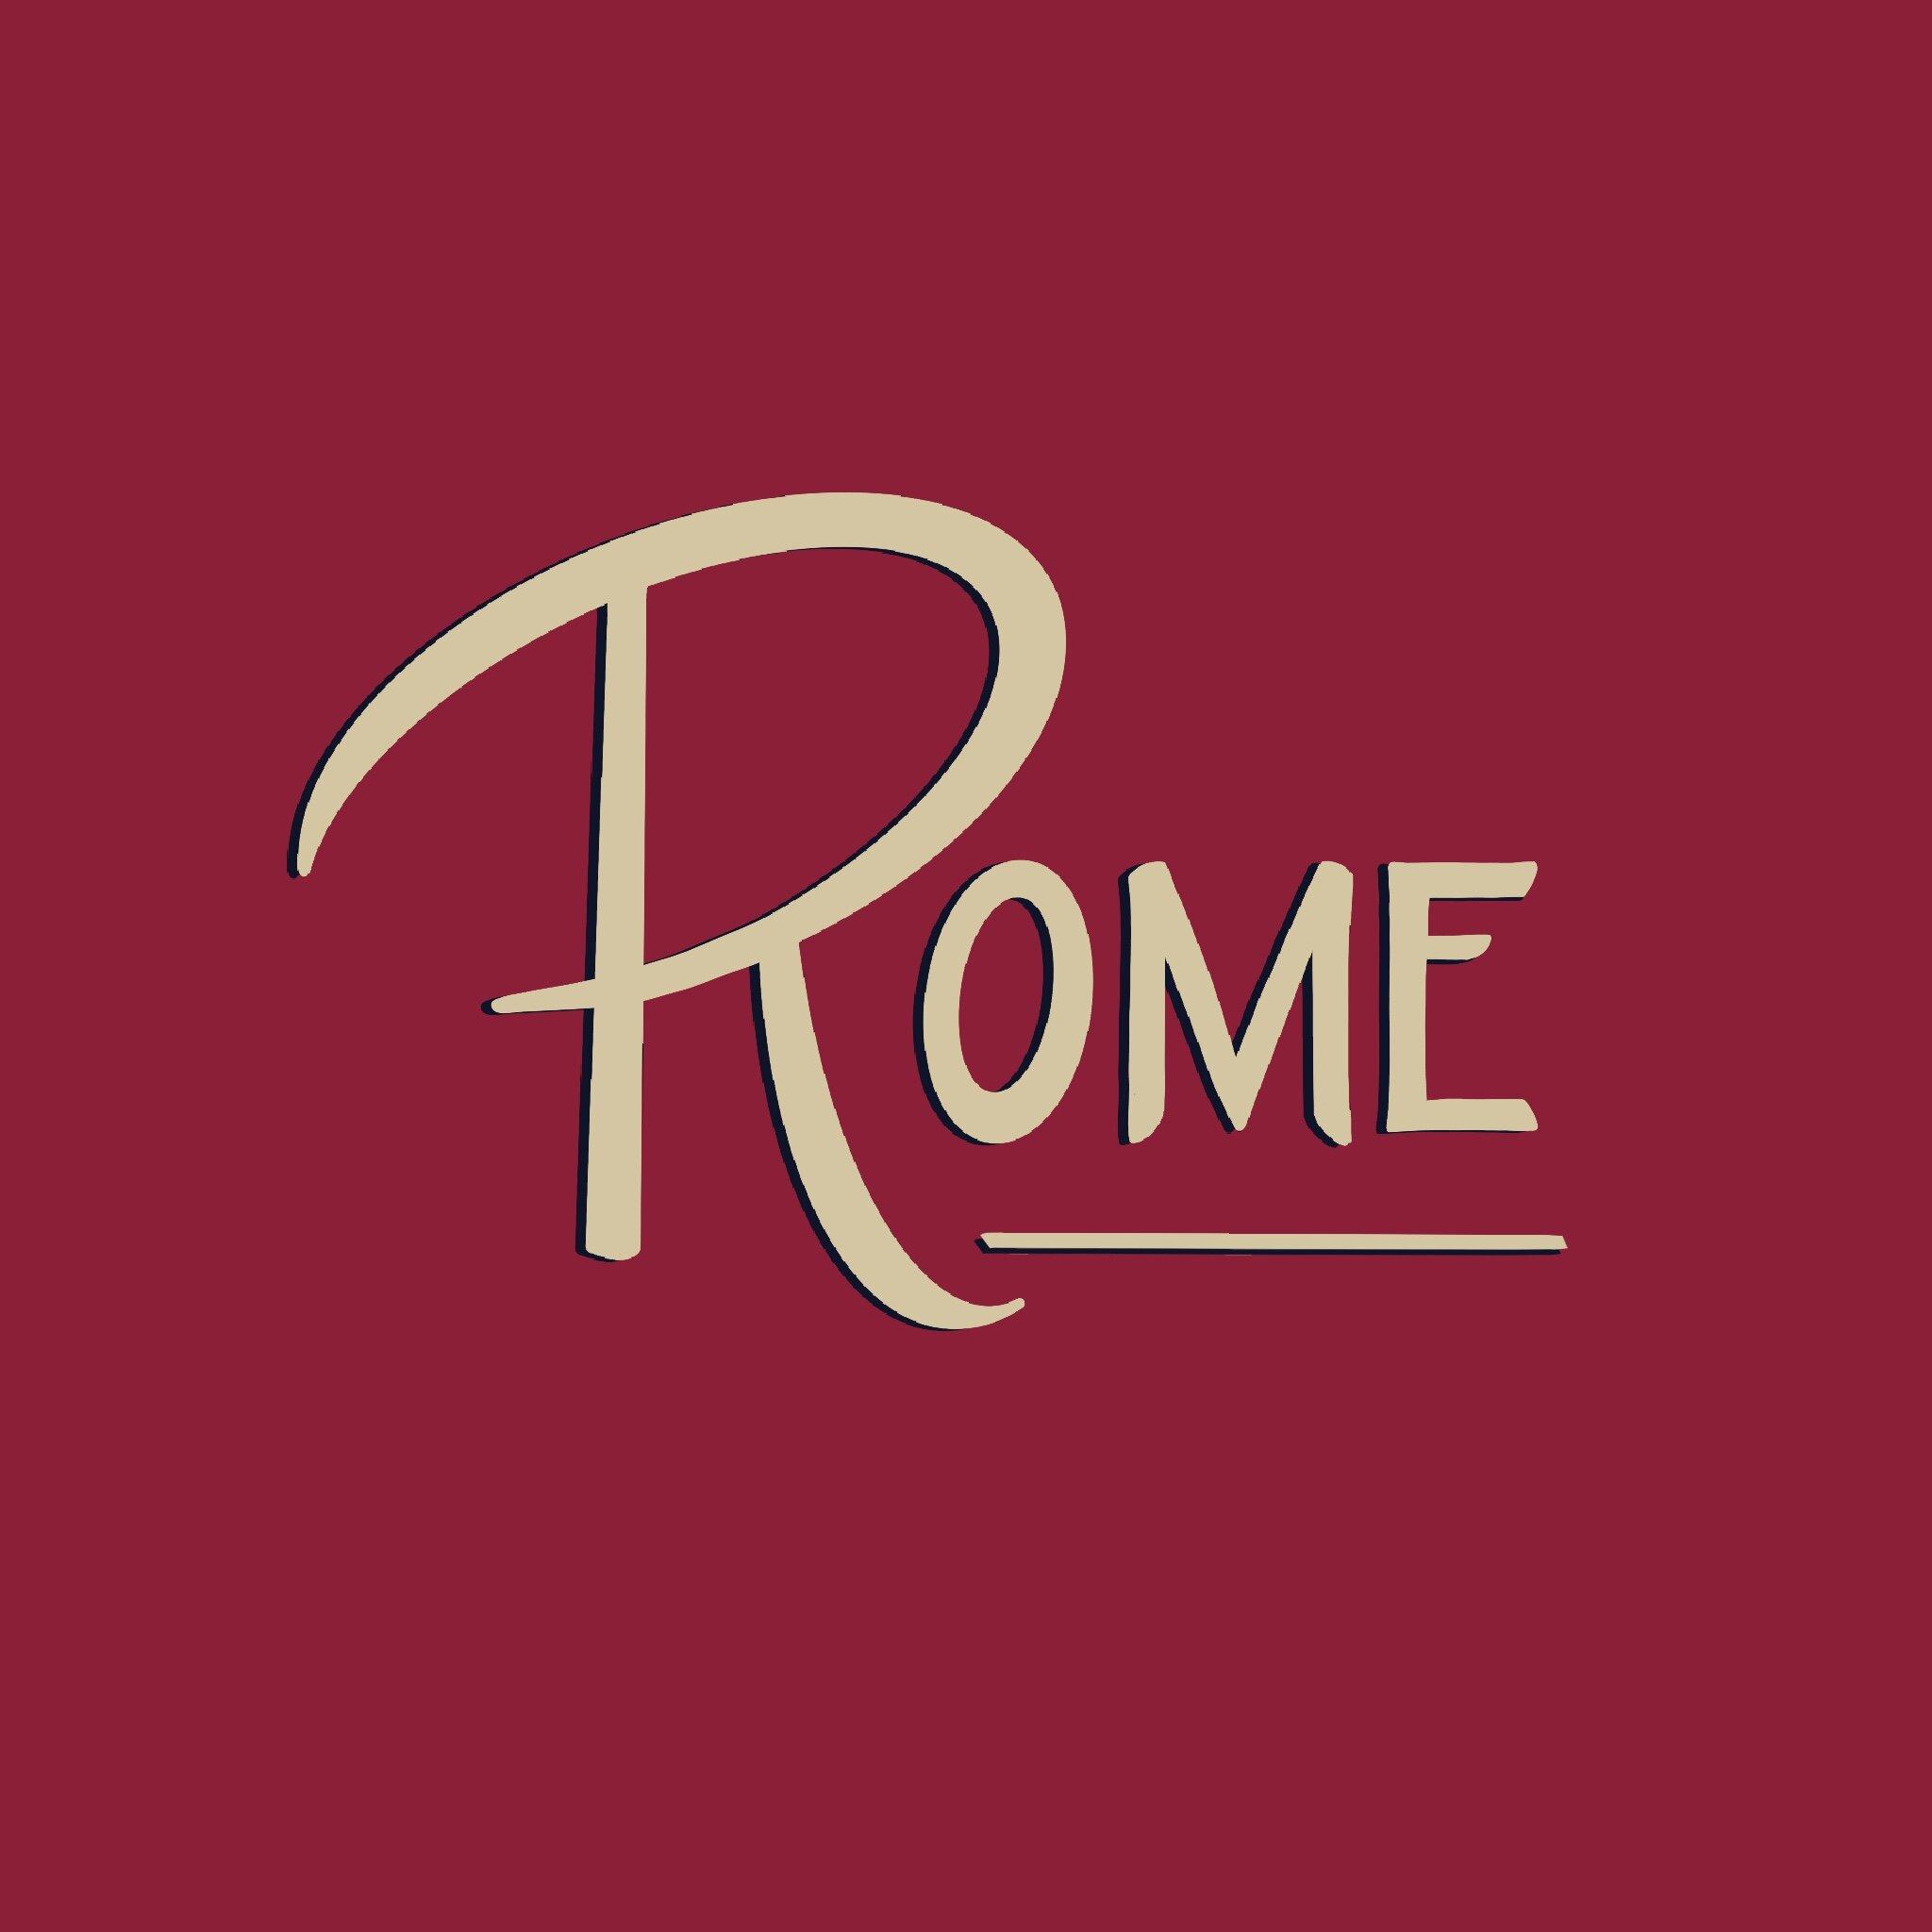 Rome_lettering_MeganMcKean.jpg